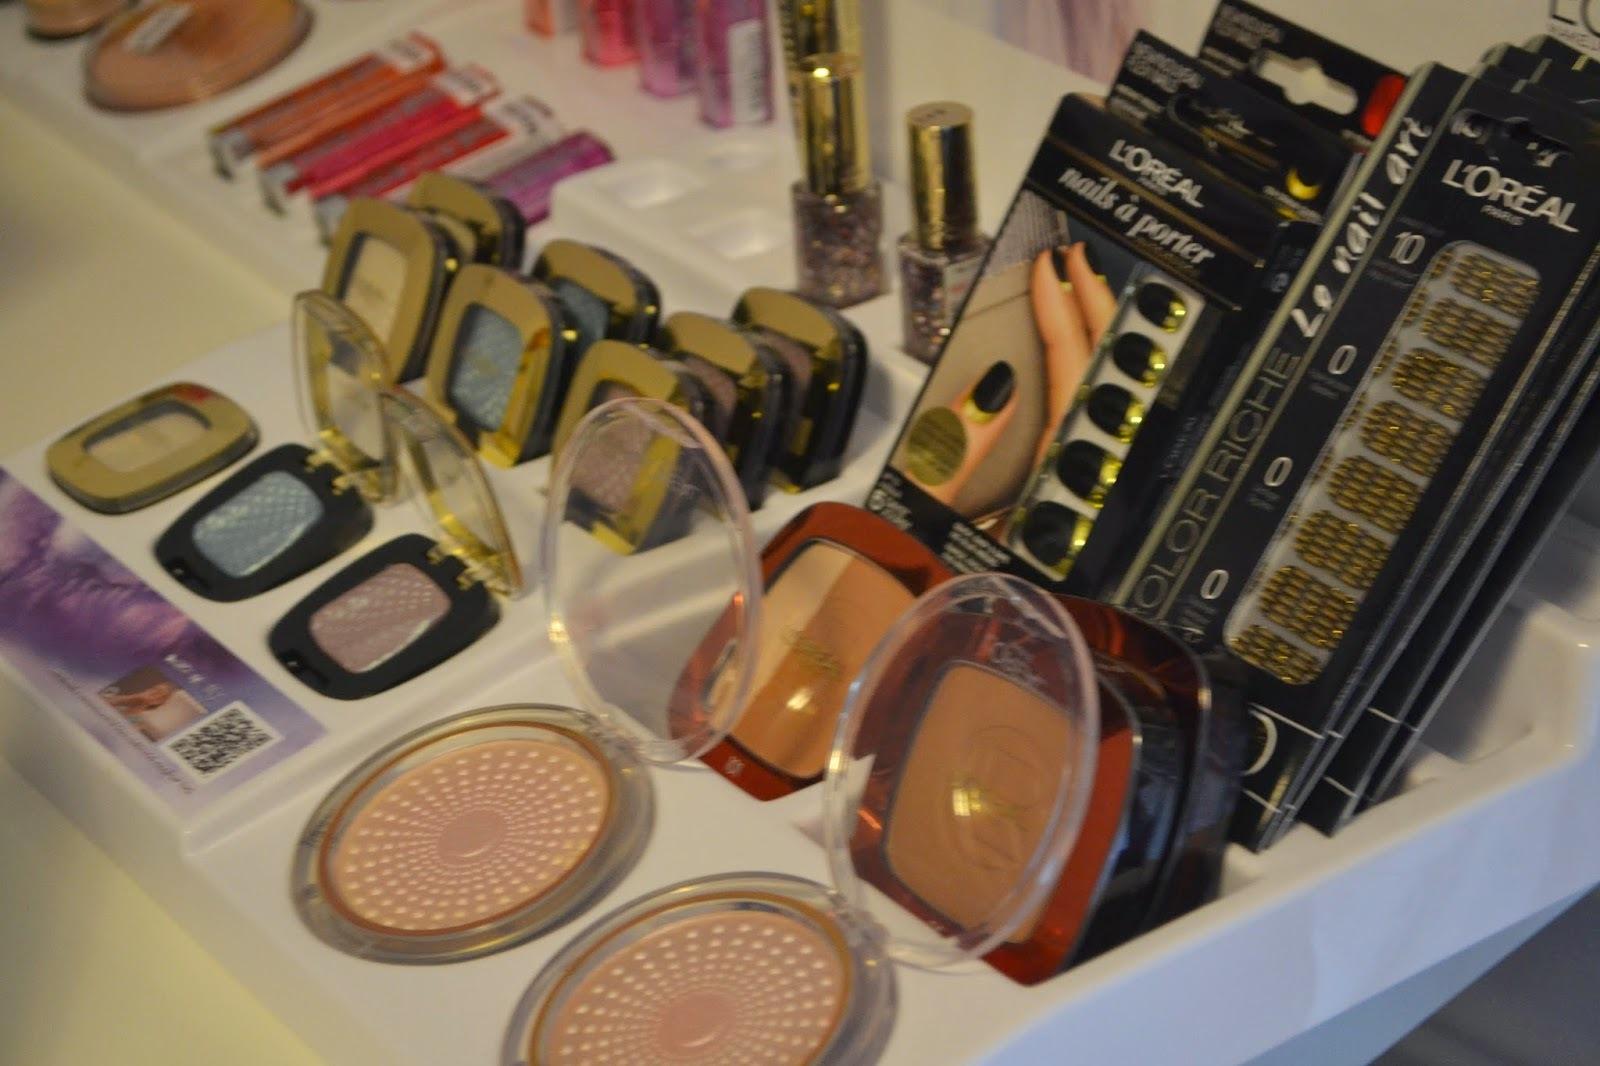 Novedades de Maquillajes: Maybelline Y Loreal !!